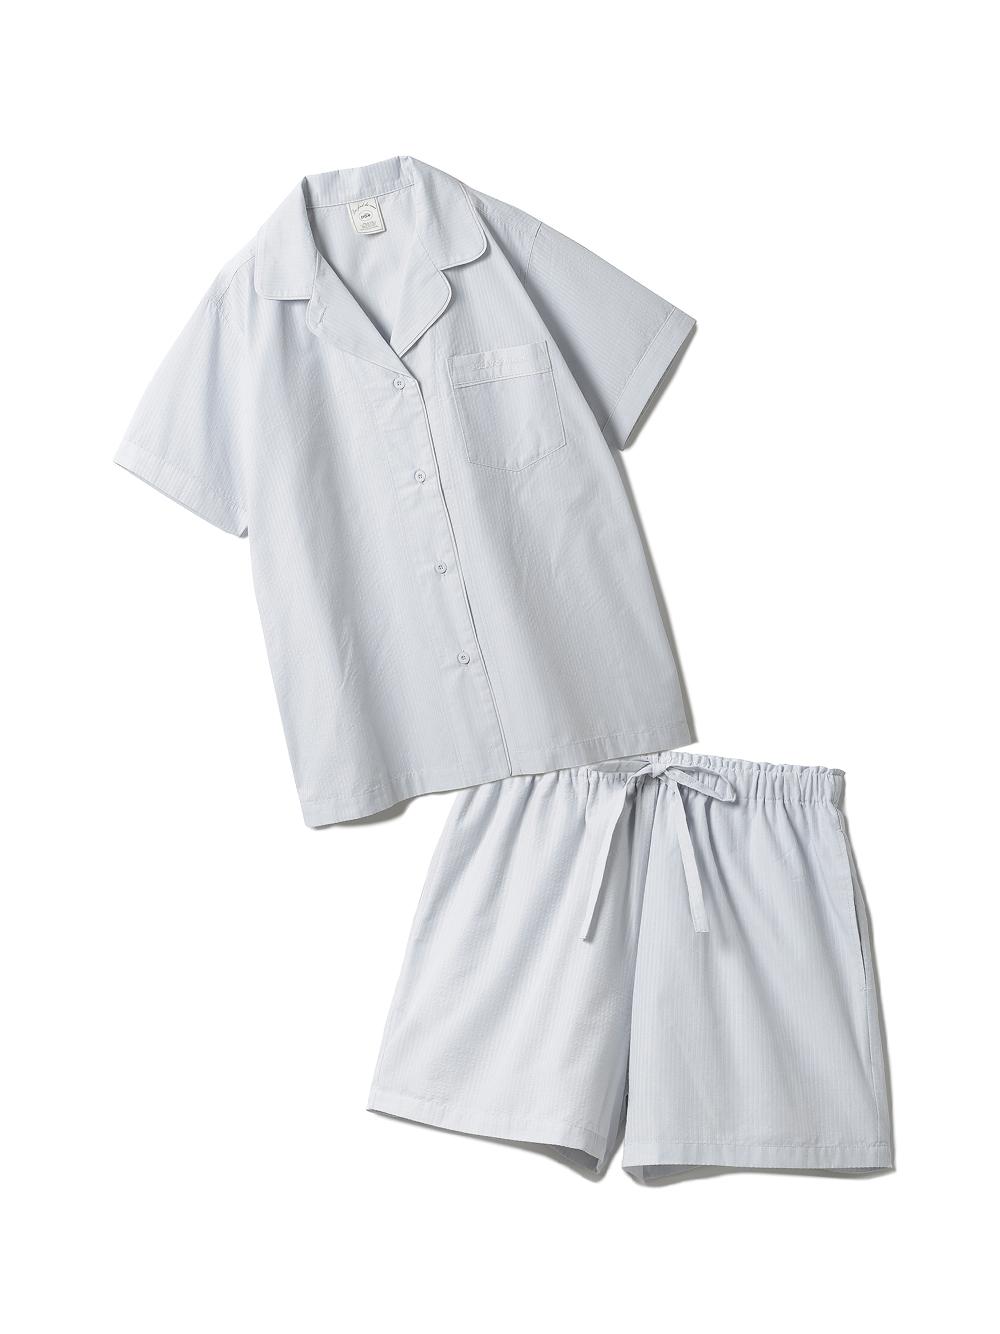 【ラッピング】クールMAXシャツ&ショートパンツSET(BLU-F)